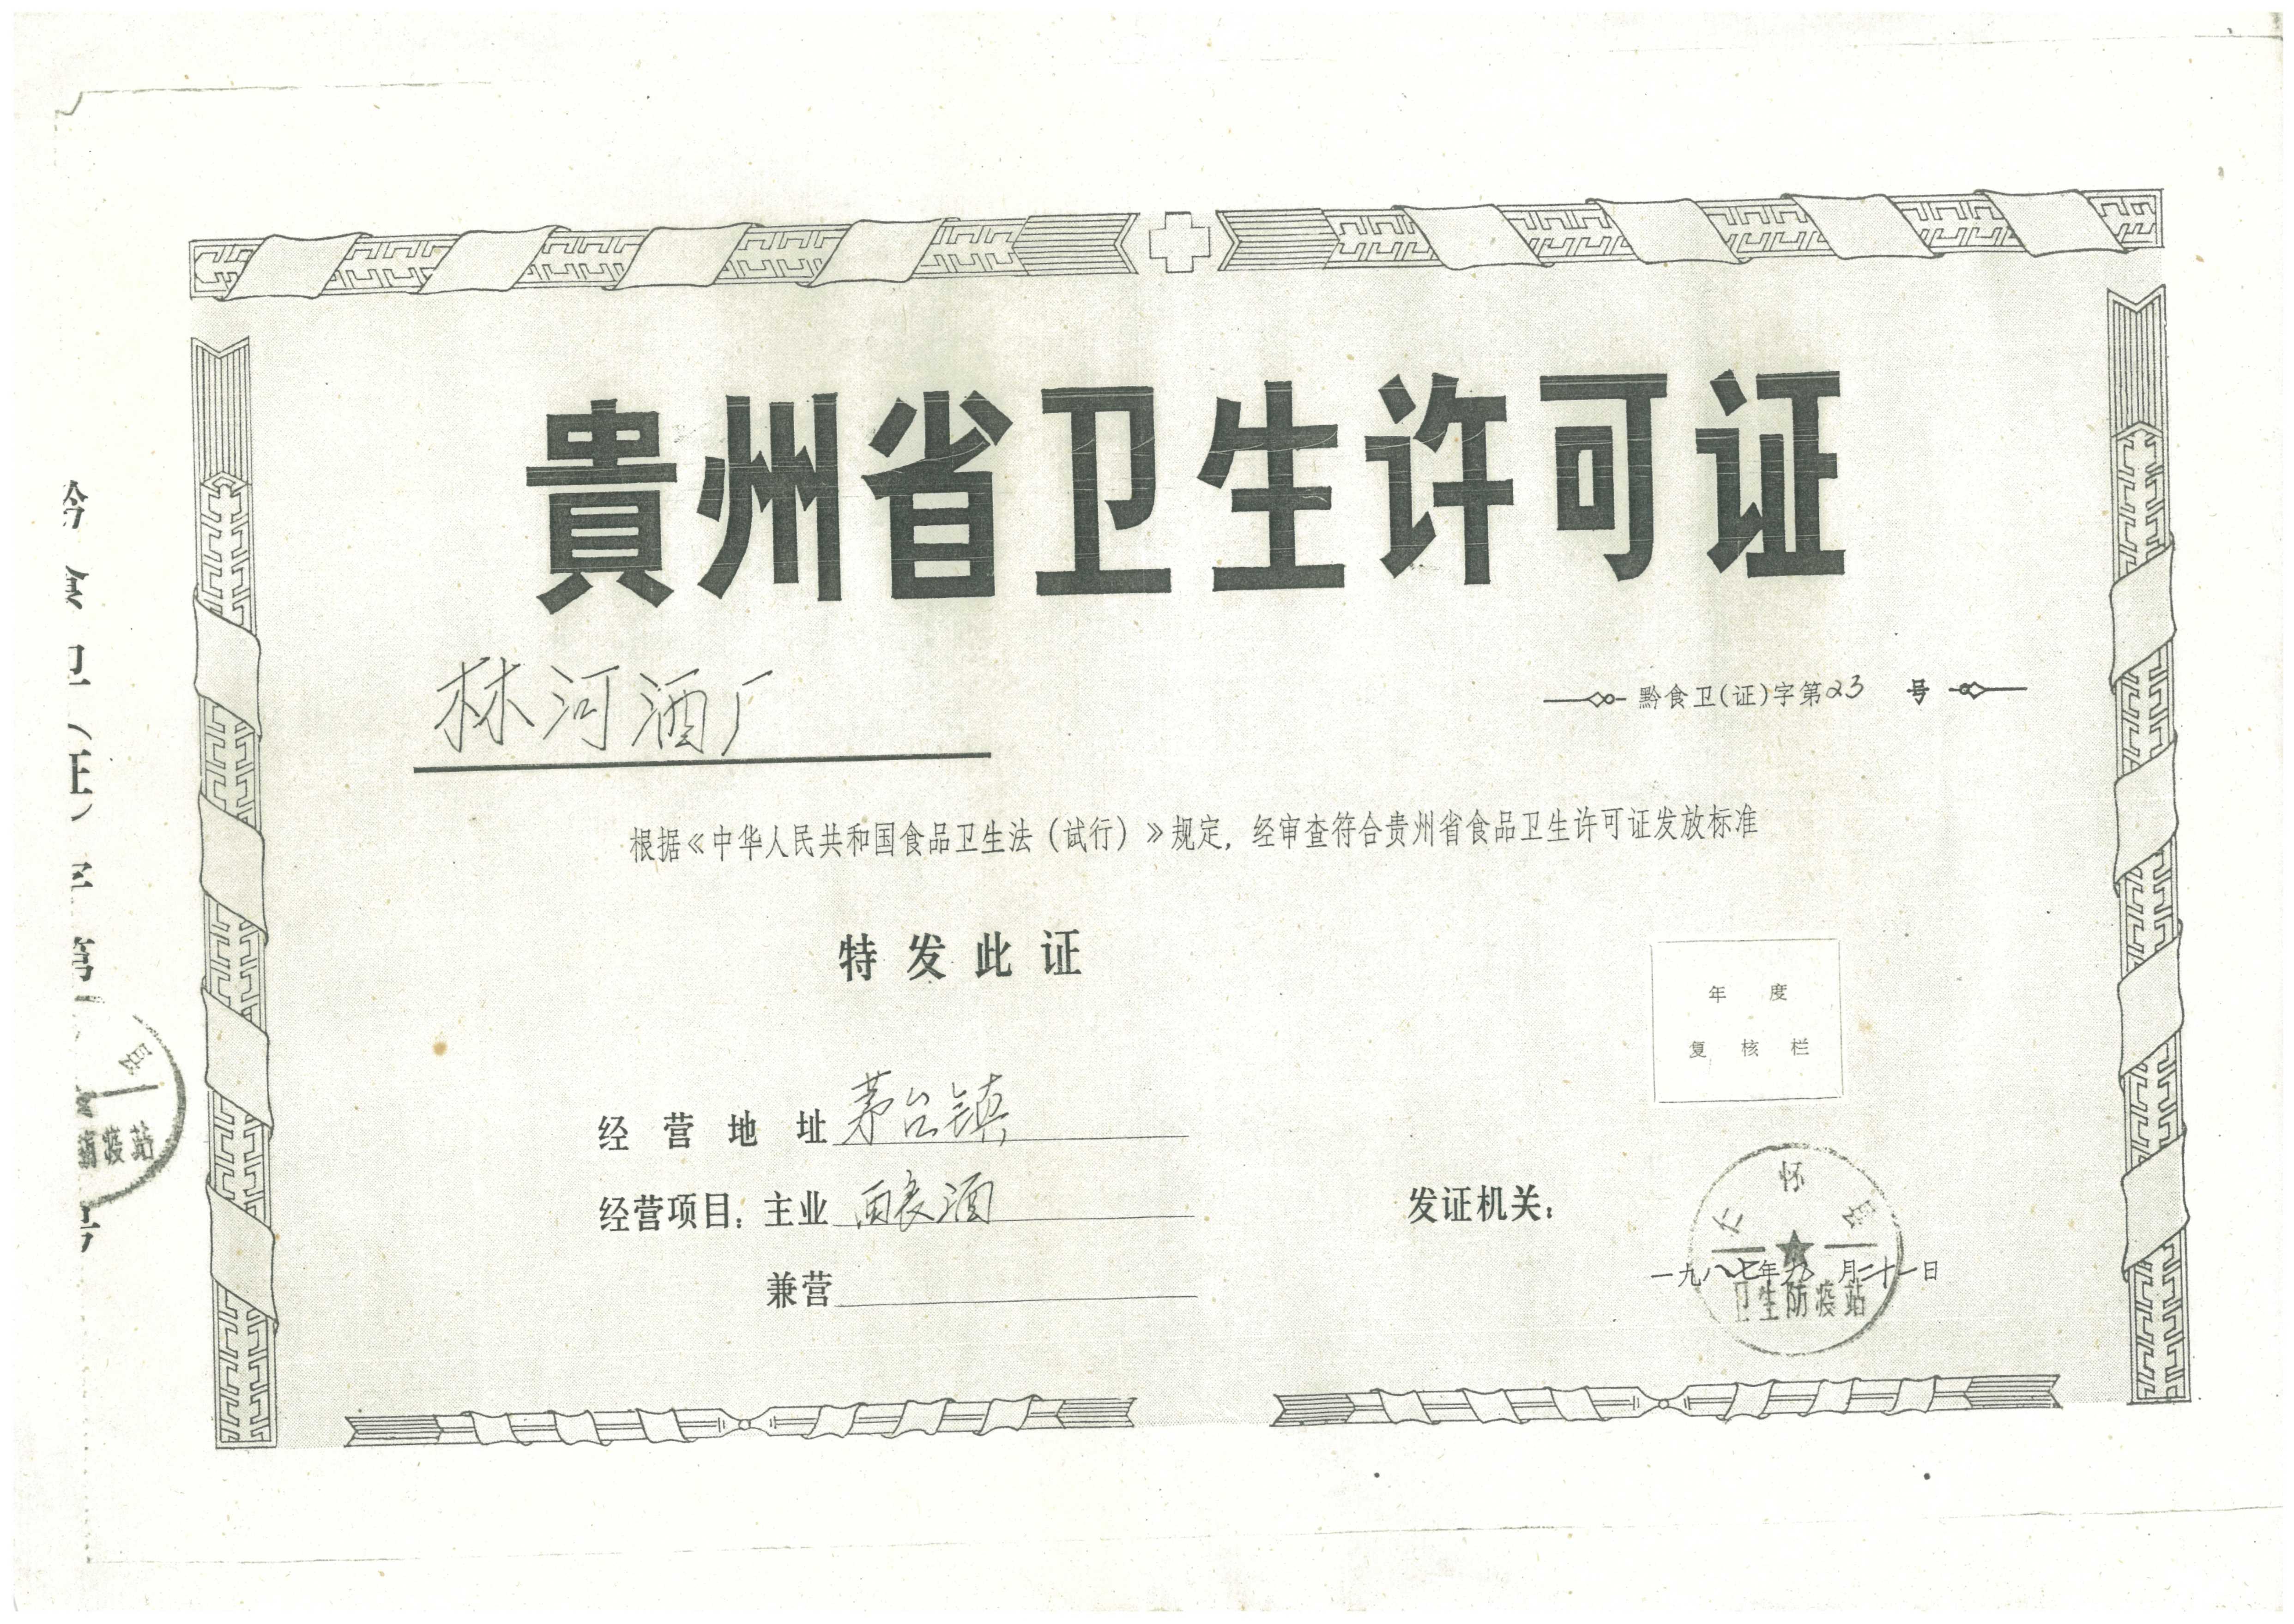 1987年衛生許可證復